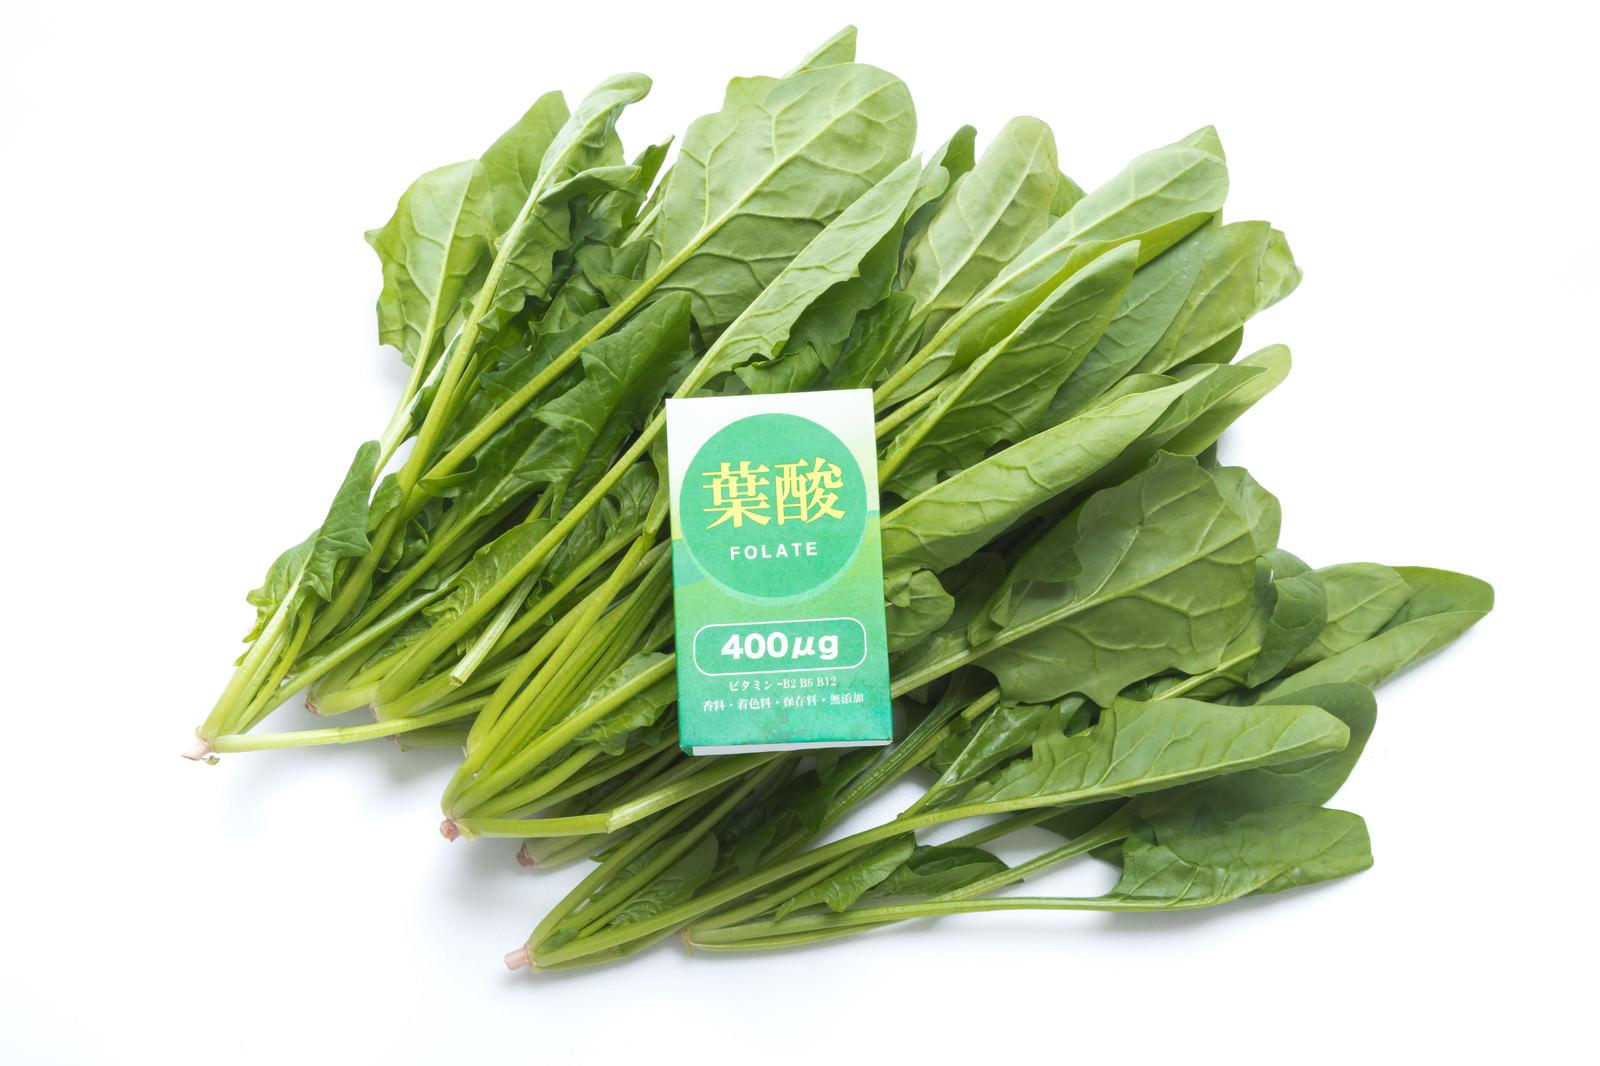 「ほうれん草から葉酸を摂取 | 写真の無料素材・フリー素材 - ぱくたそ」の写真